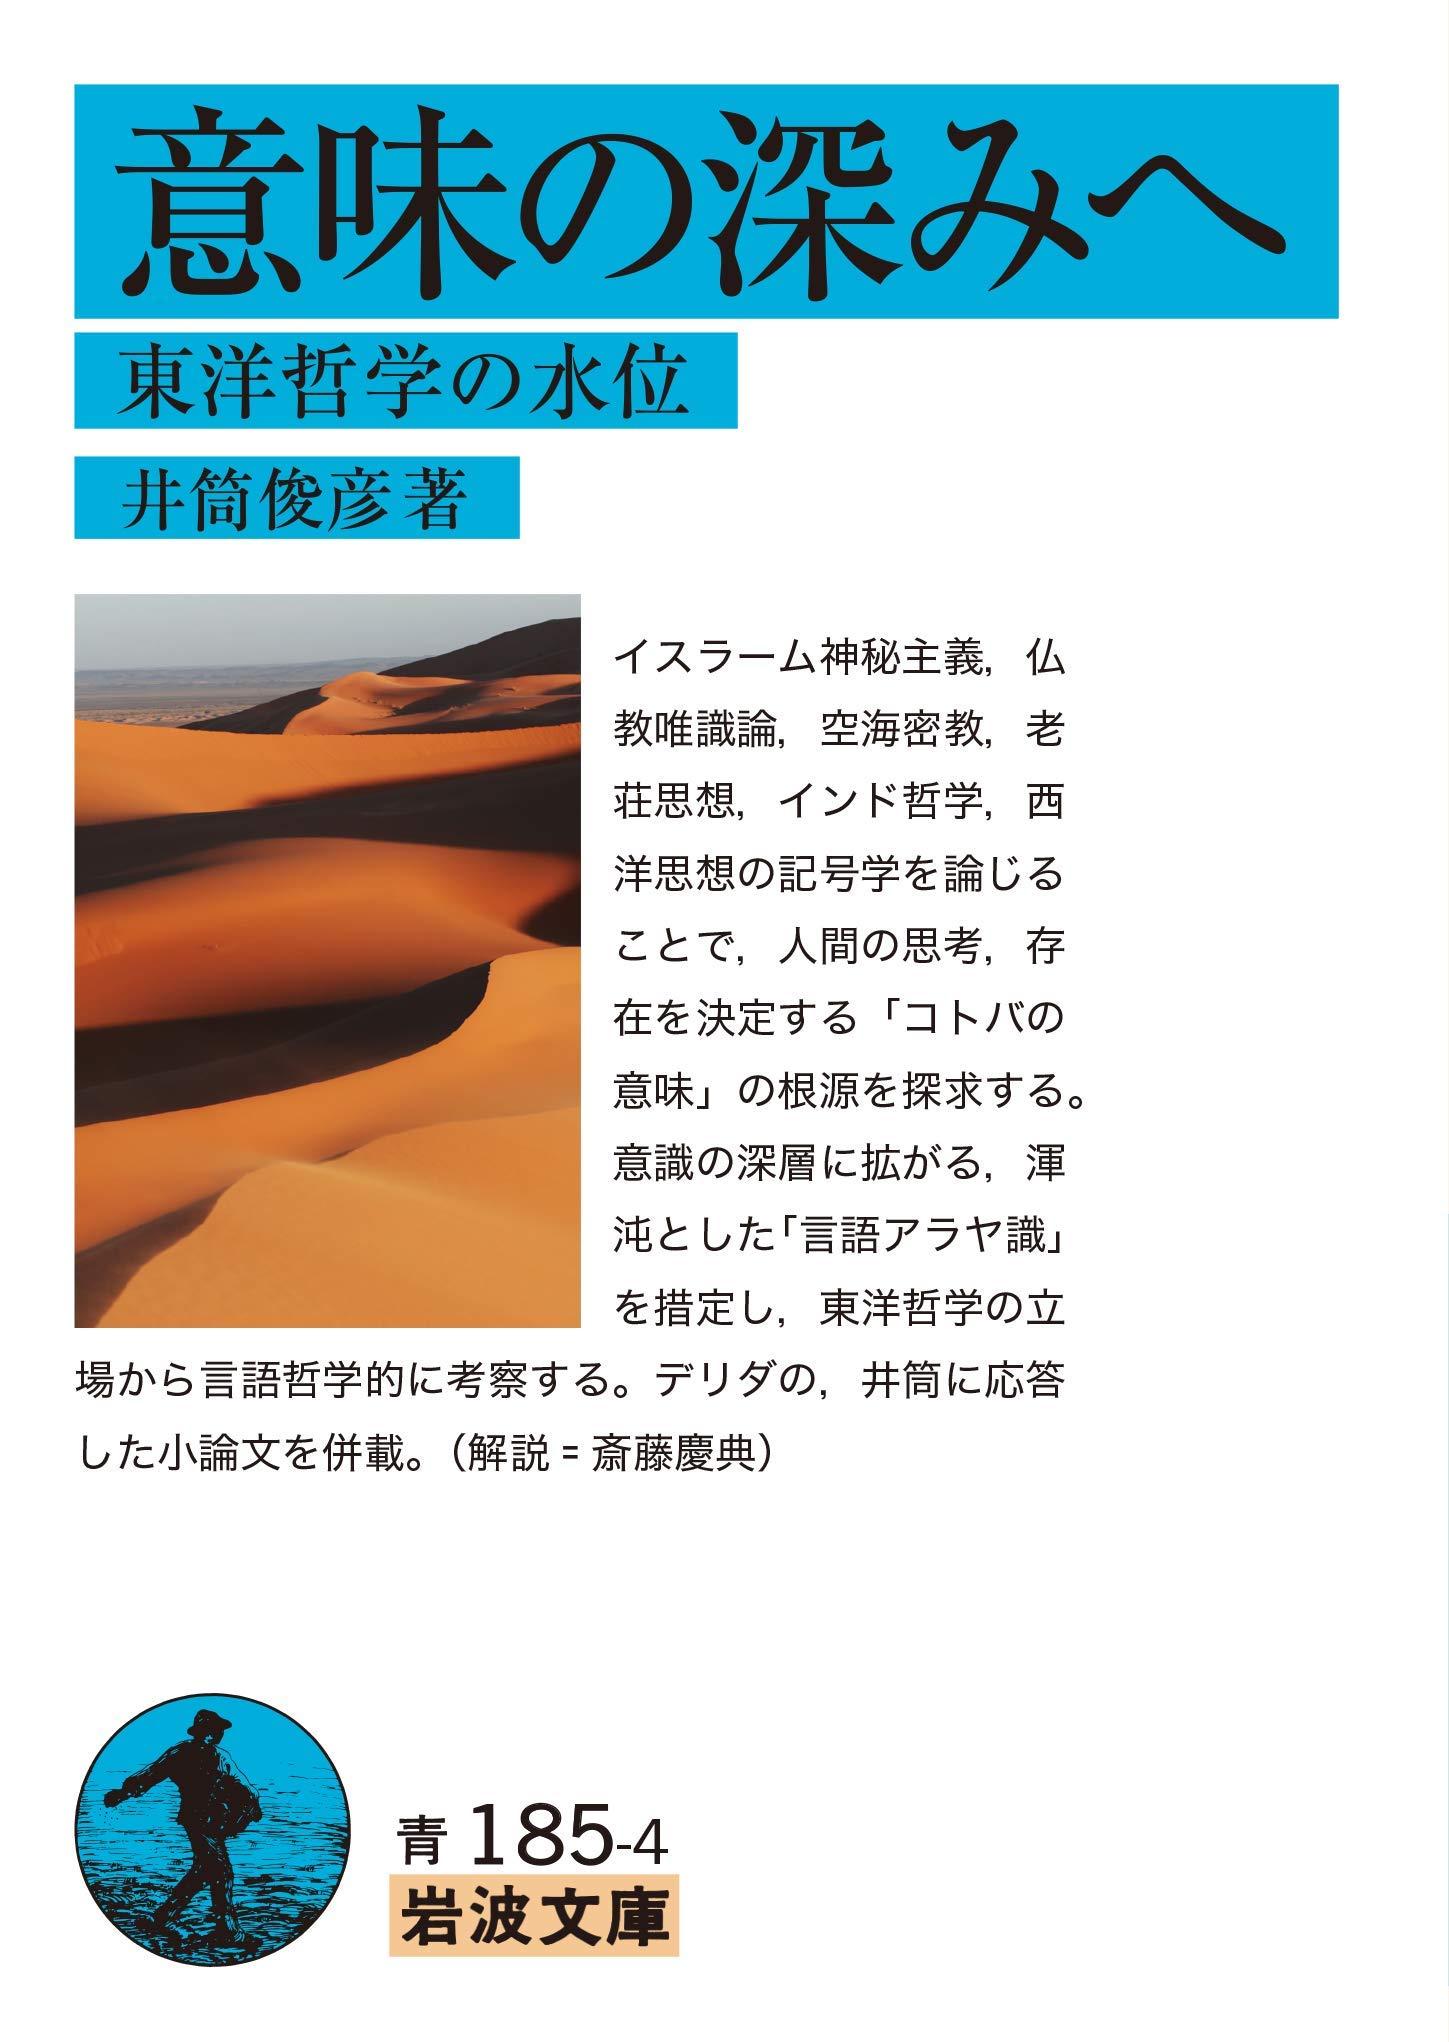 井筒俊彦(2019)『意味の深みへ』岩波文庫